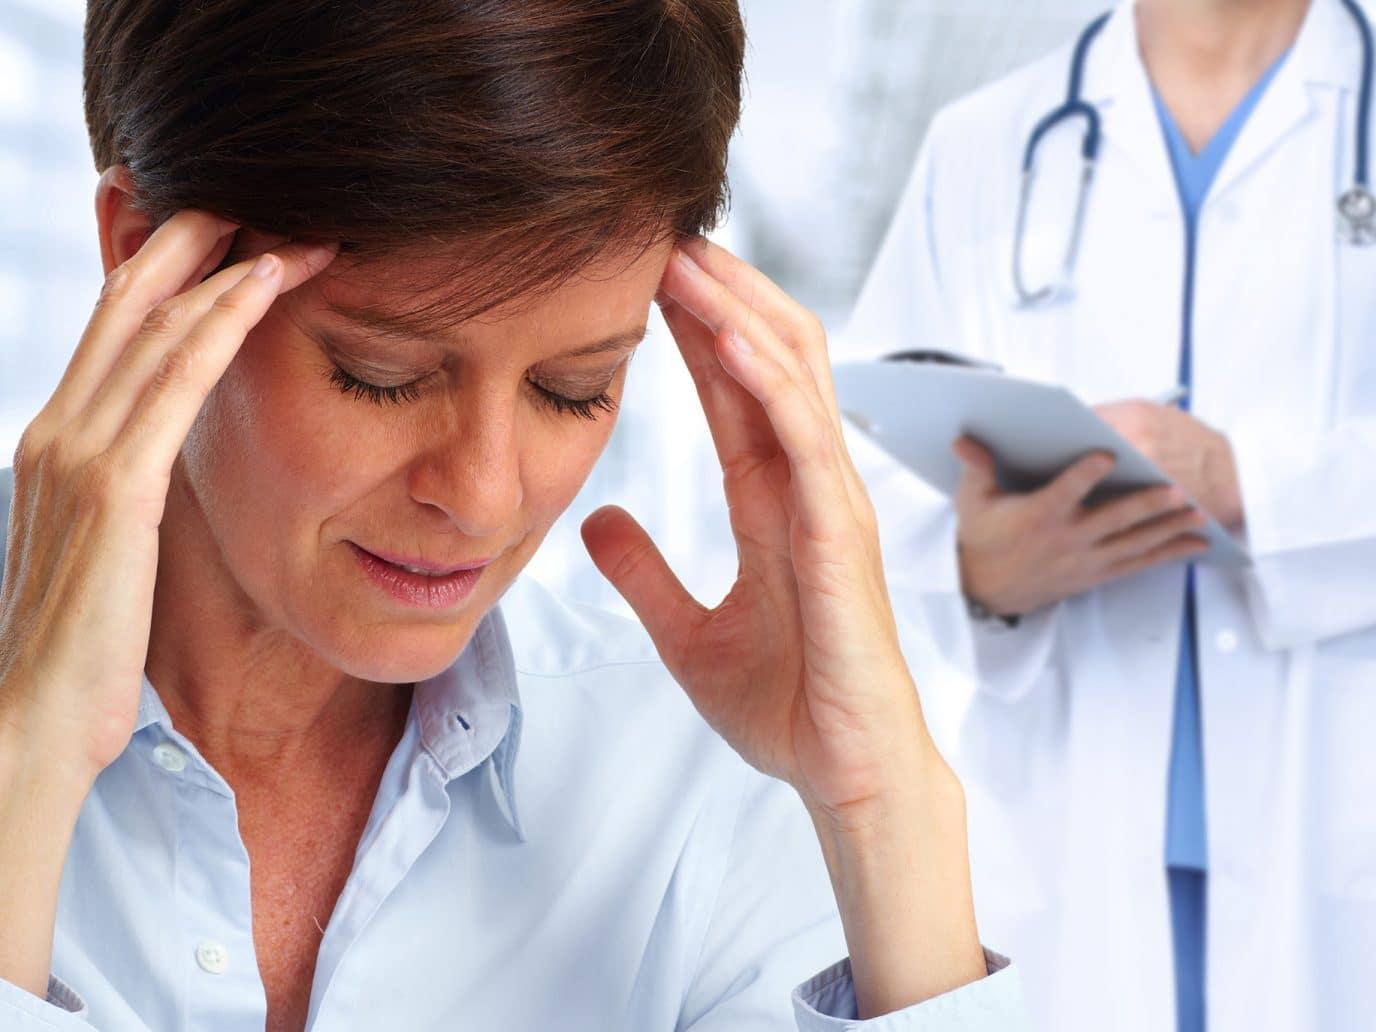 Таблетки от депрессии: лучшие средства, медикаментозное лечение, что попить